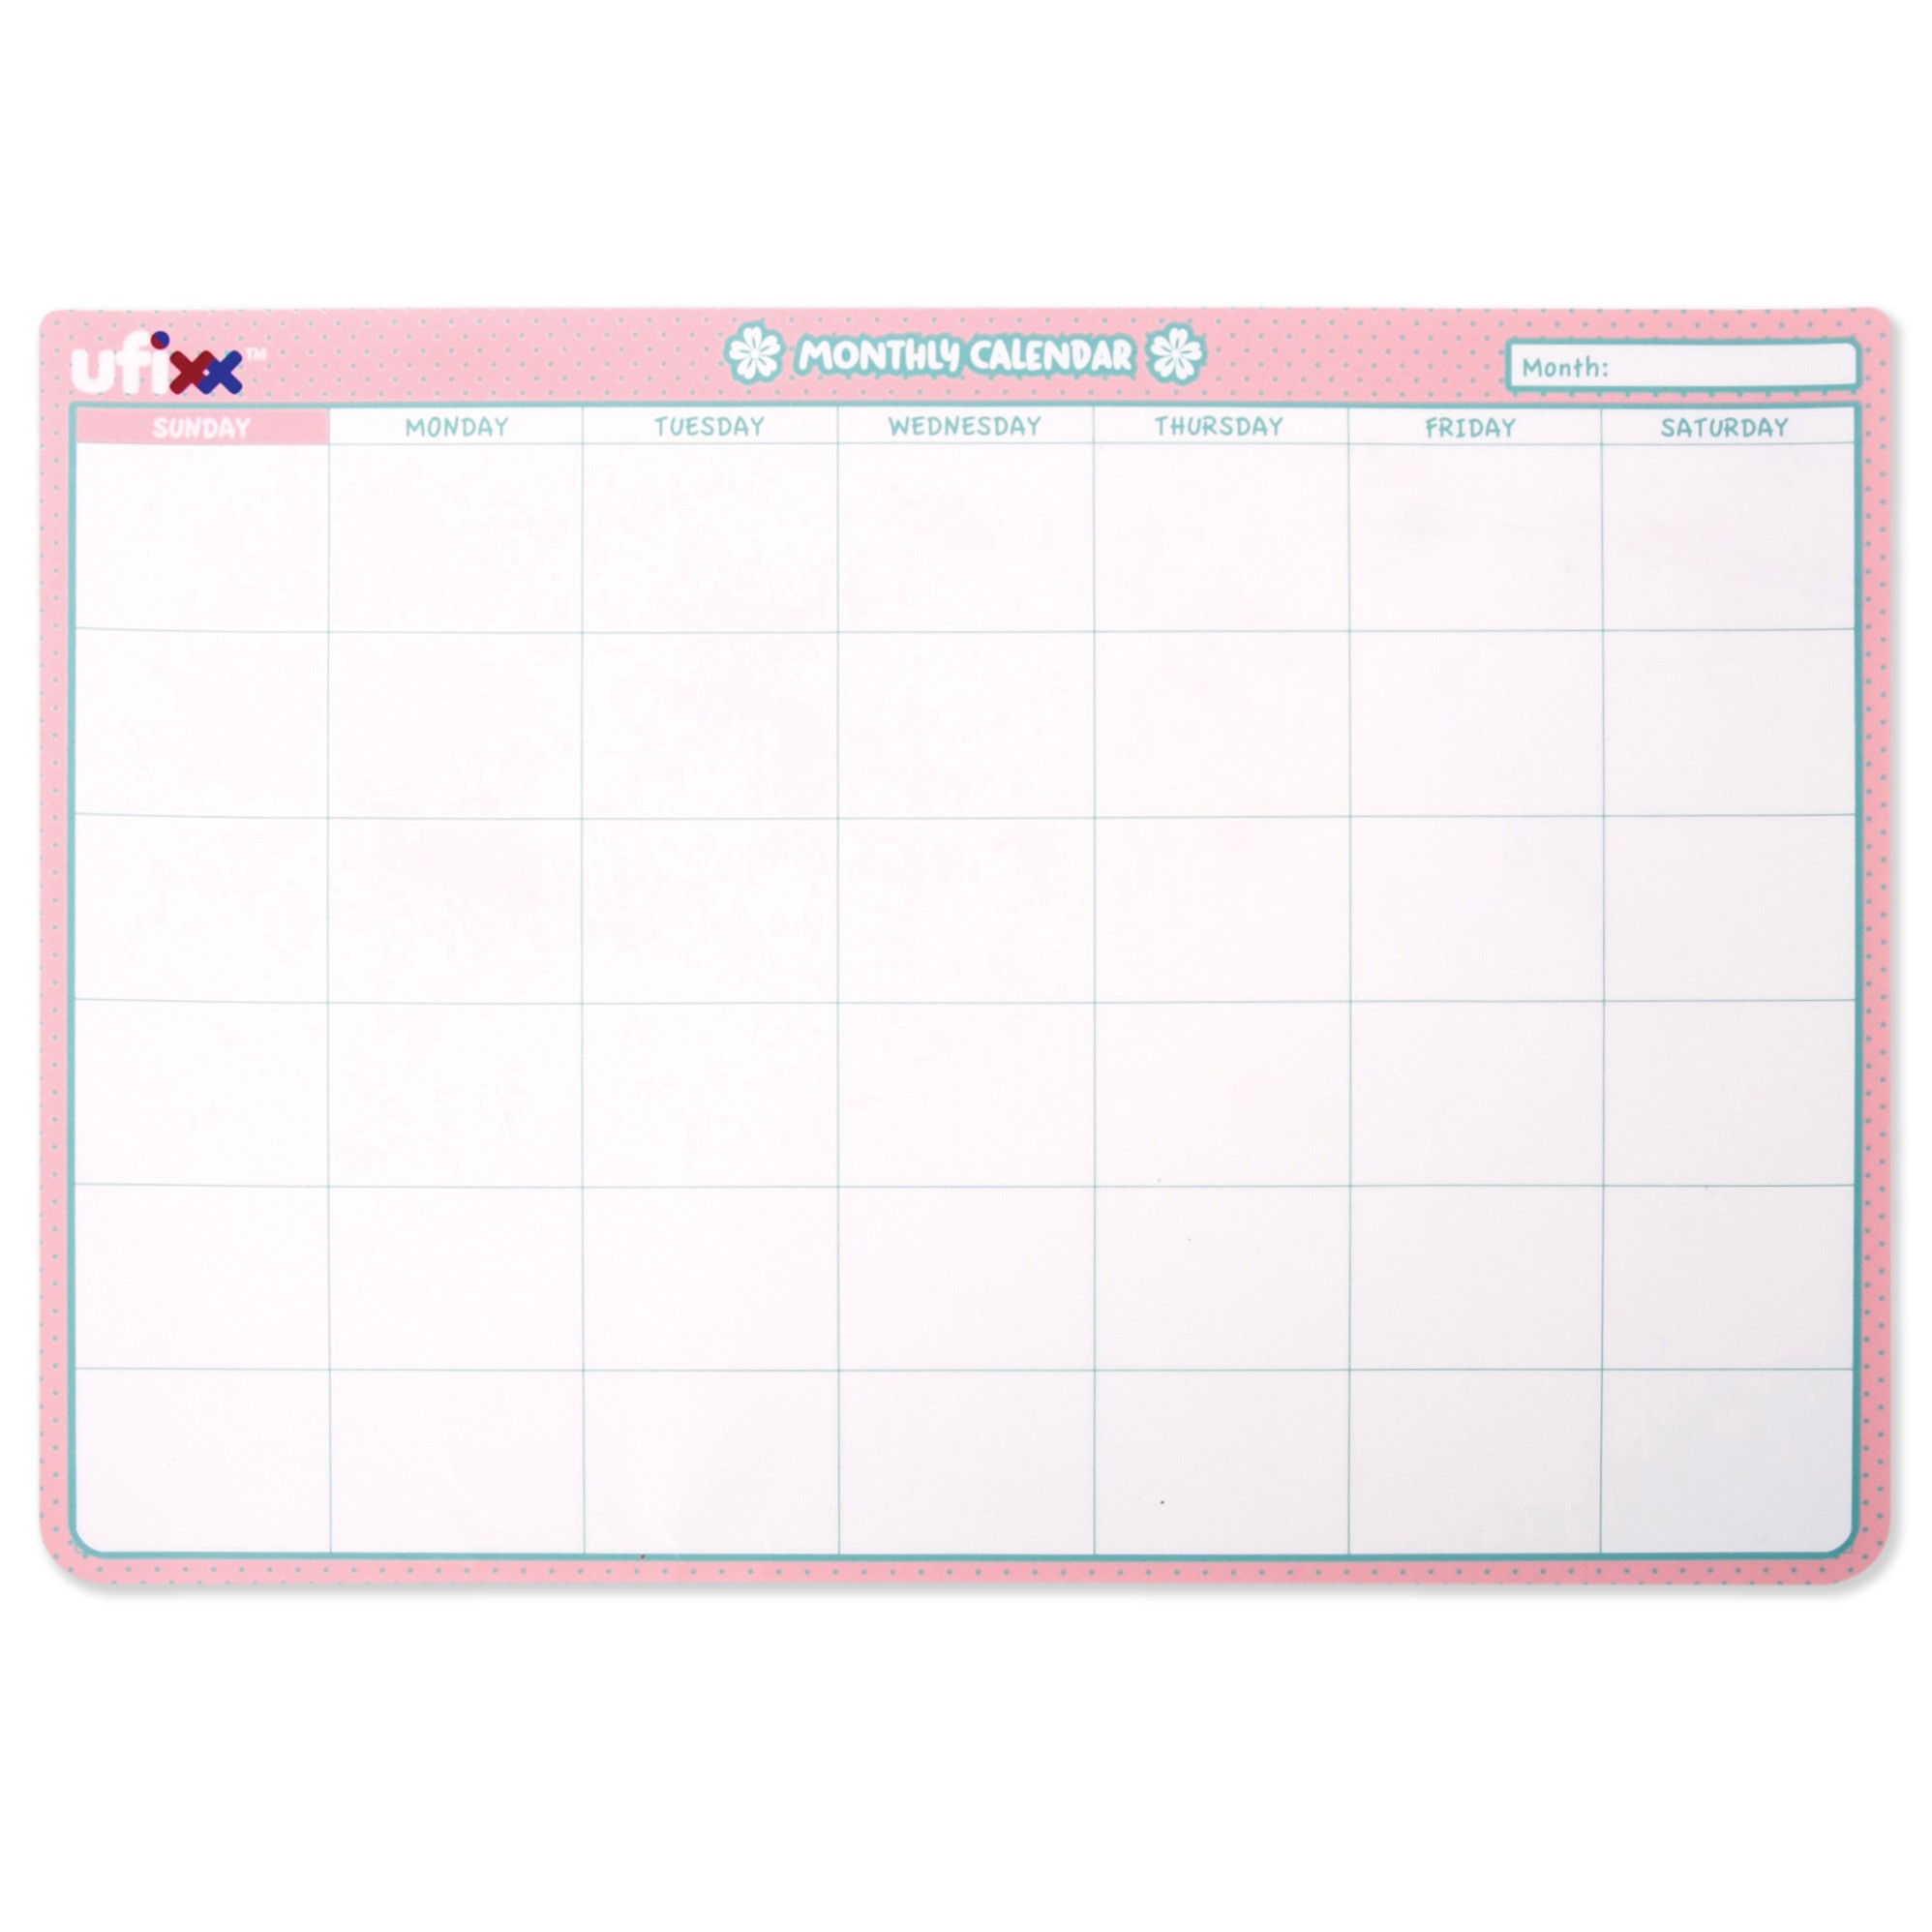 行事曆 (粉紅)